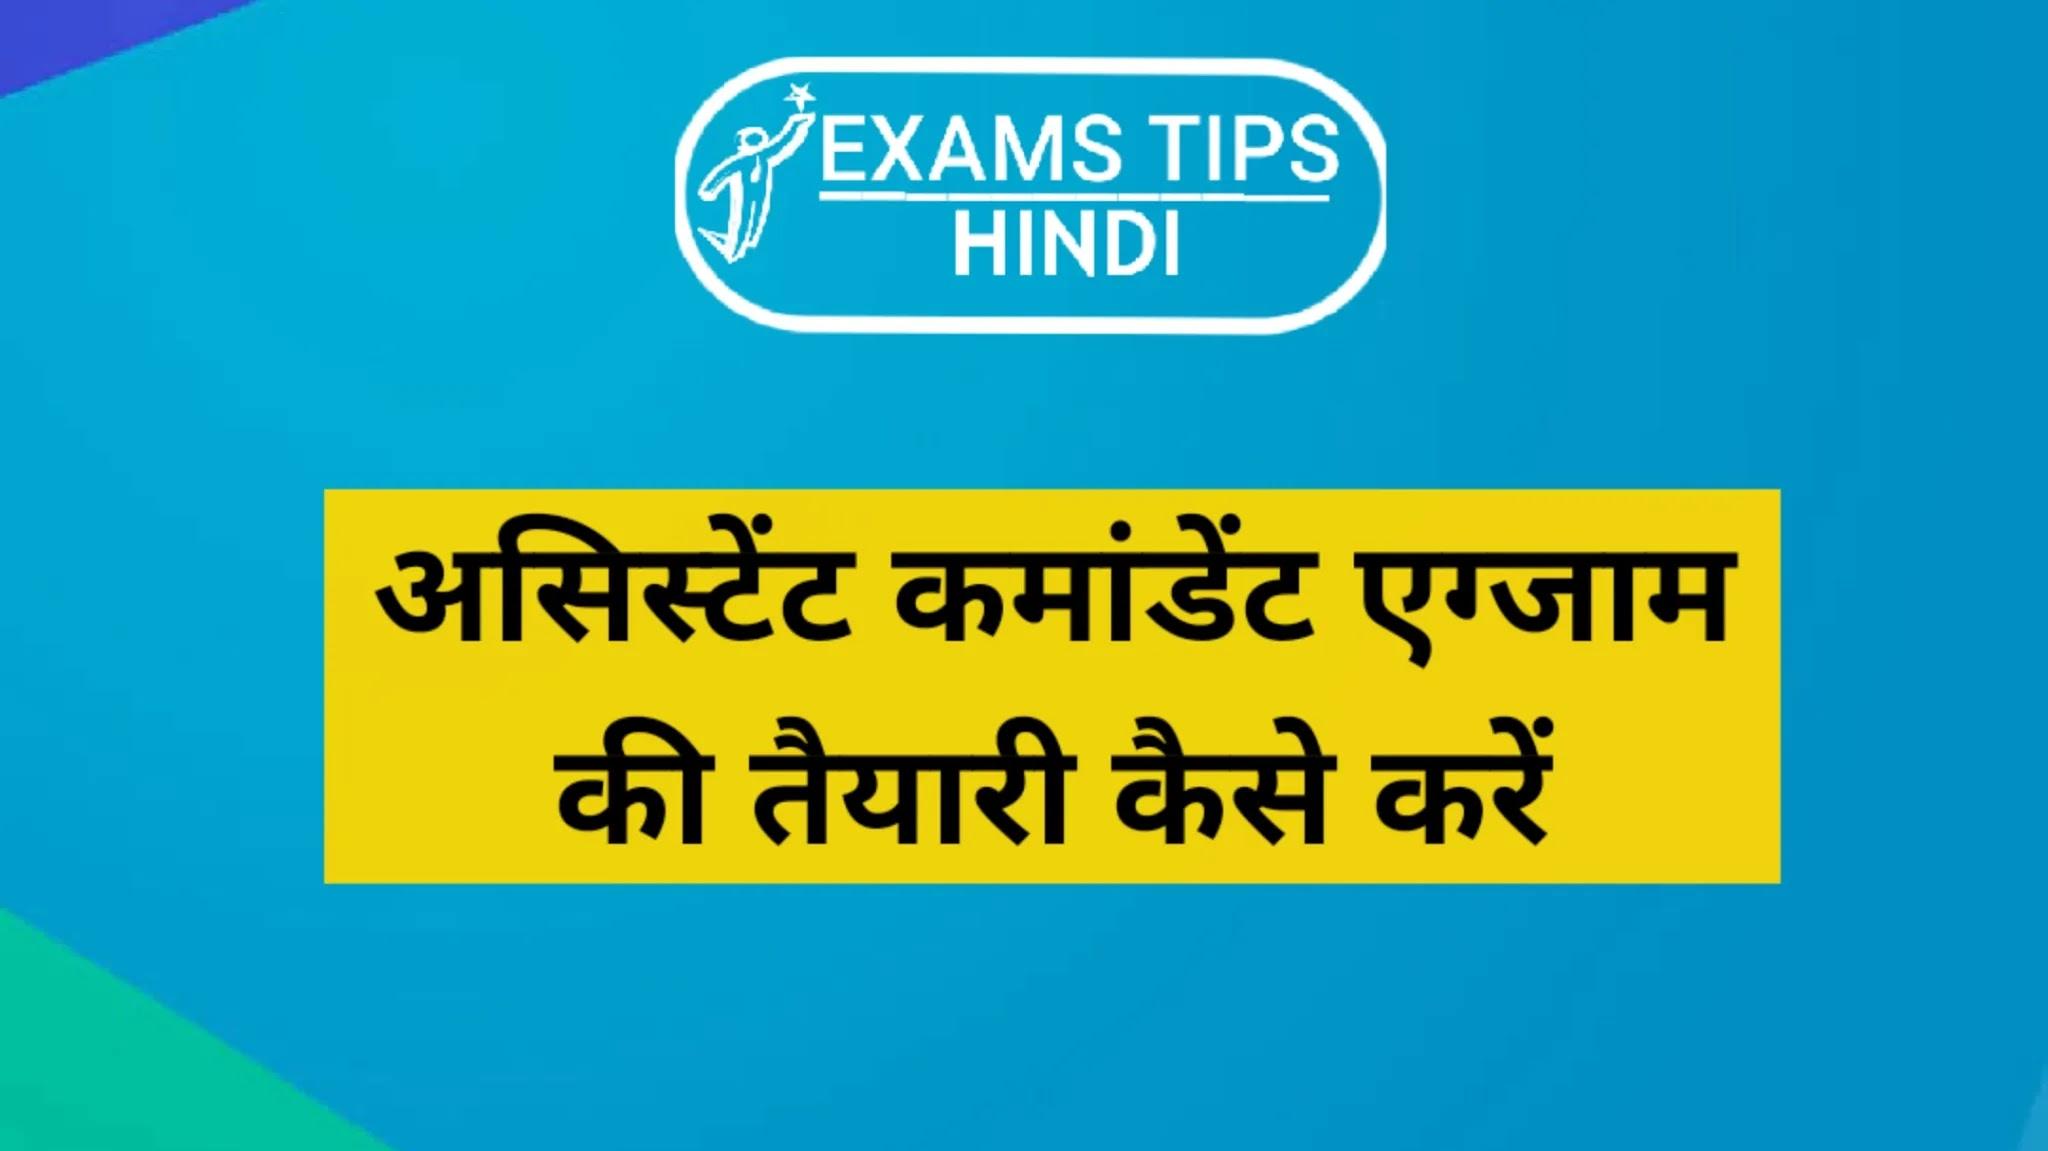 असिस्टेंट कमांडेंट एग्जाम की तैयारी कैसे करें, Assistant Commandant Exam Tips in Hindi, CAPF exam tips